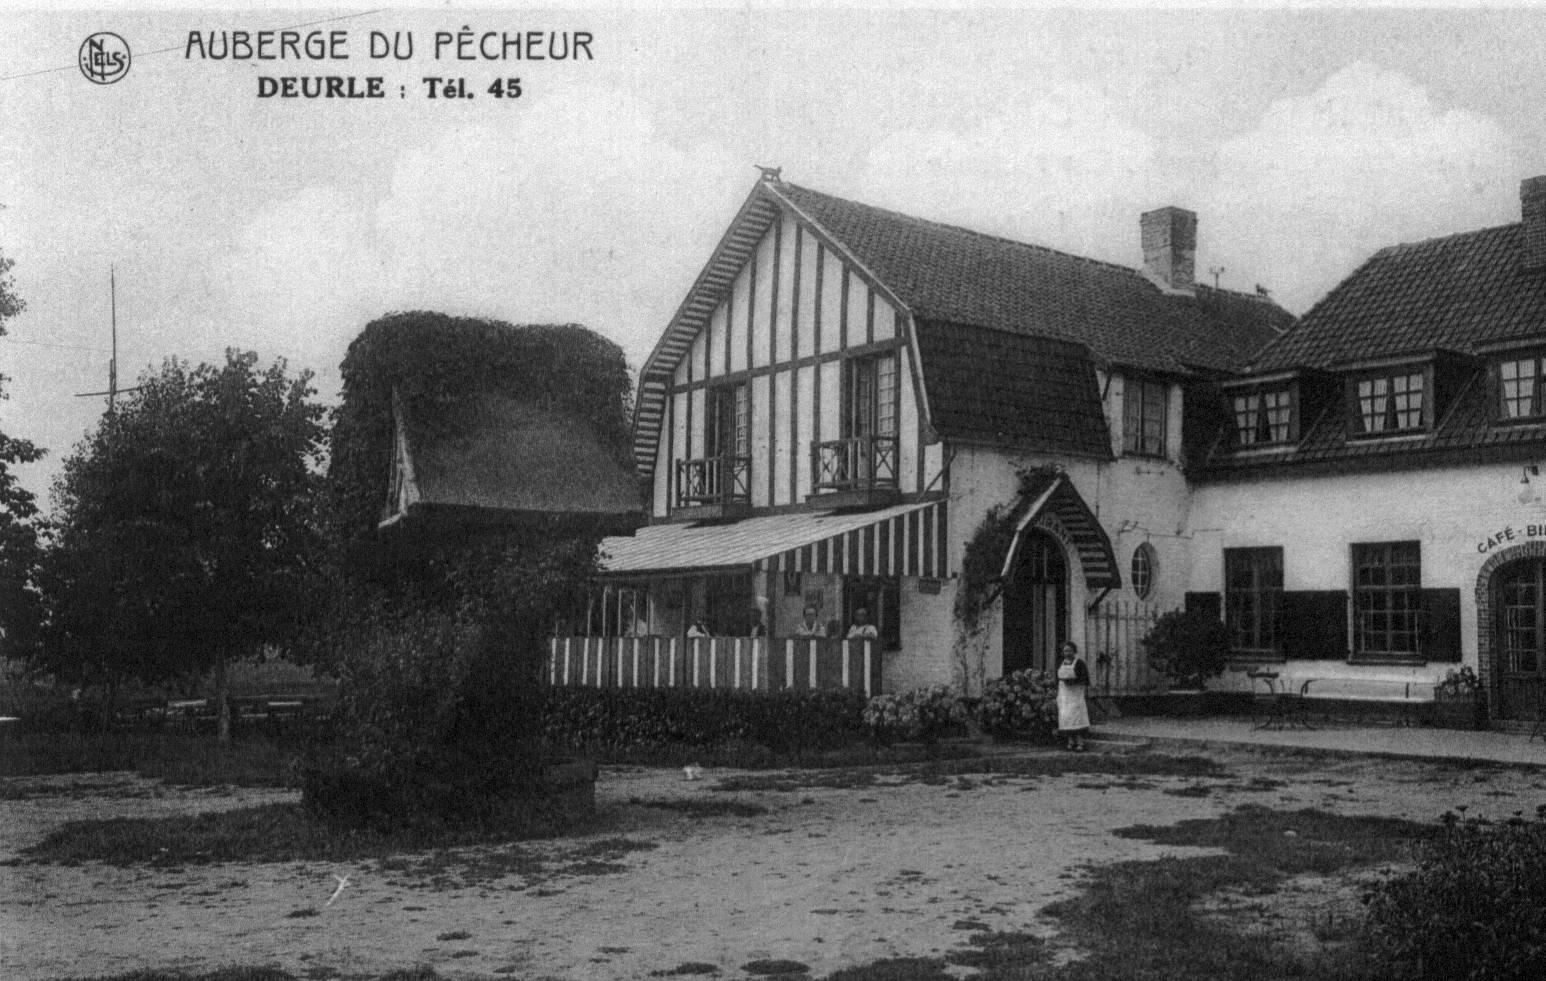 Auberge du Pêcheur in 1935